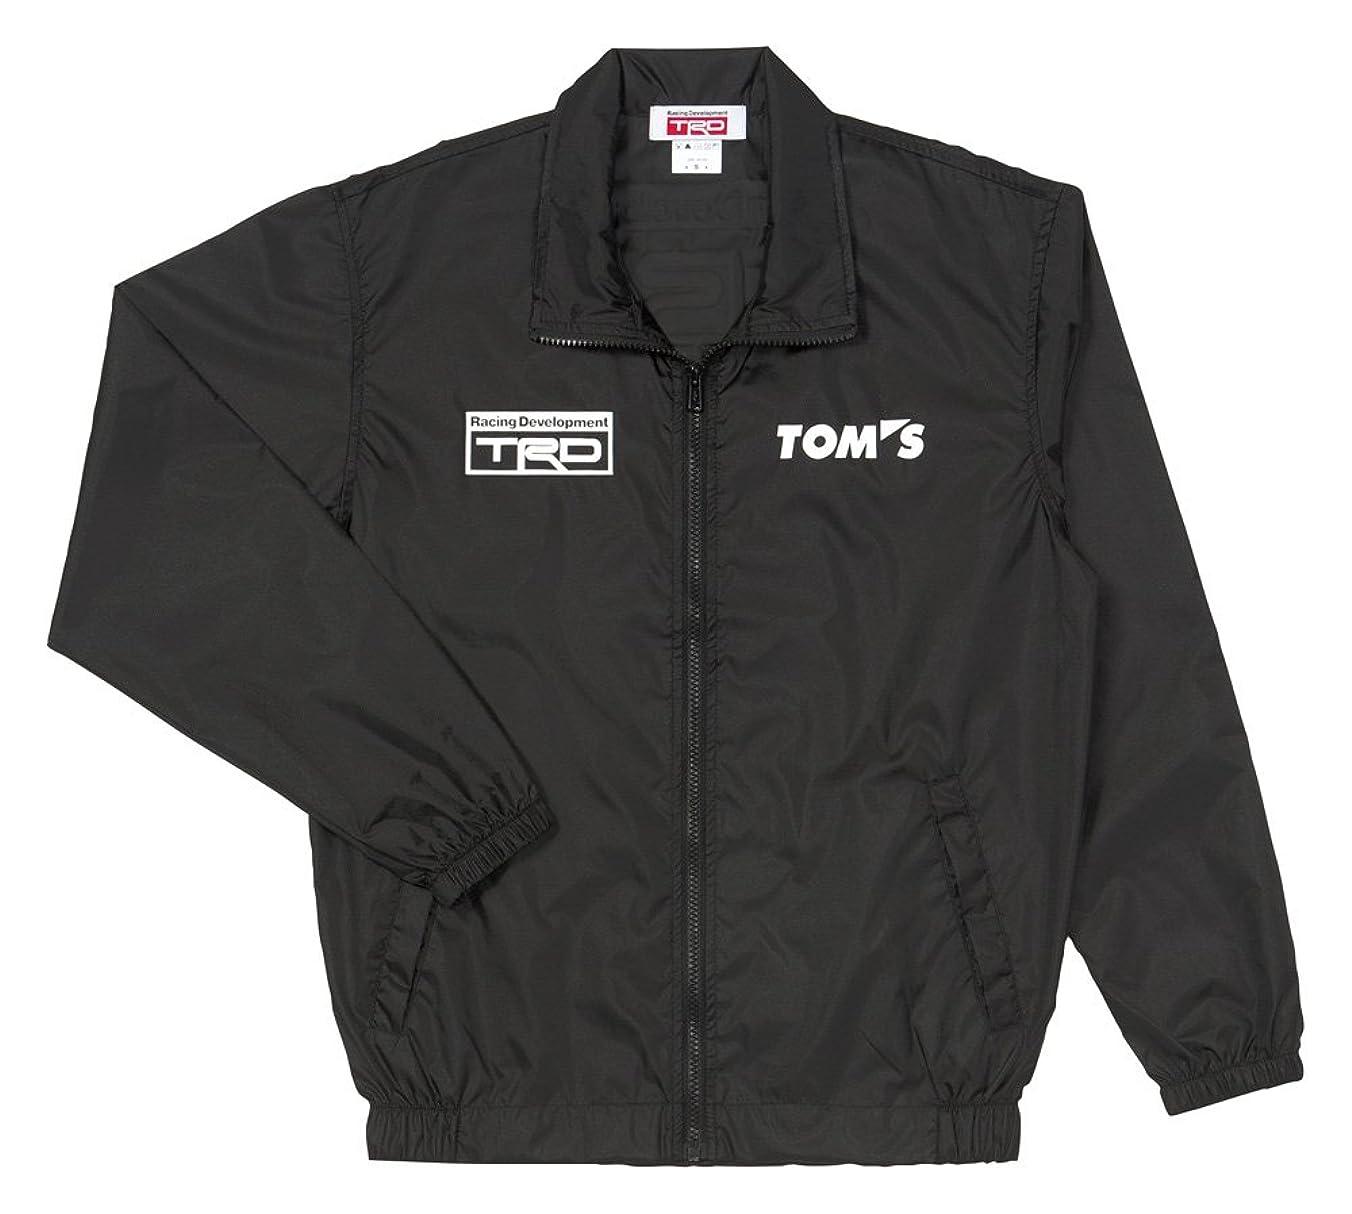 産地エレベーターアクションカドヤ(KADOYA) Tシャツ GOD SPEED T-SHIRT ブラック L No.7511